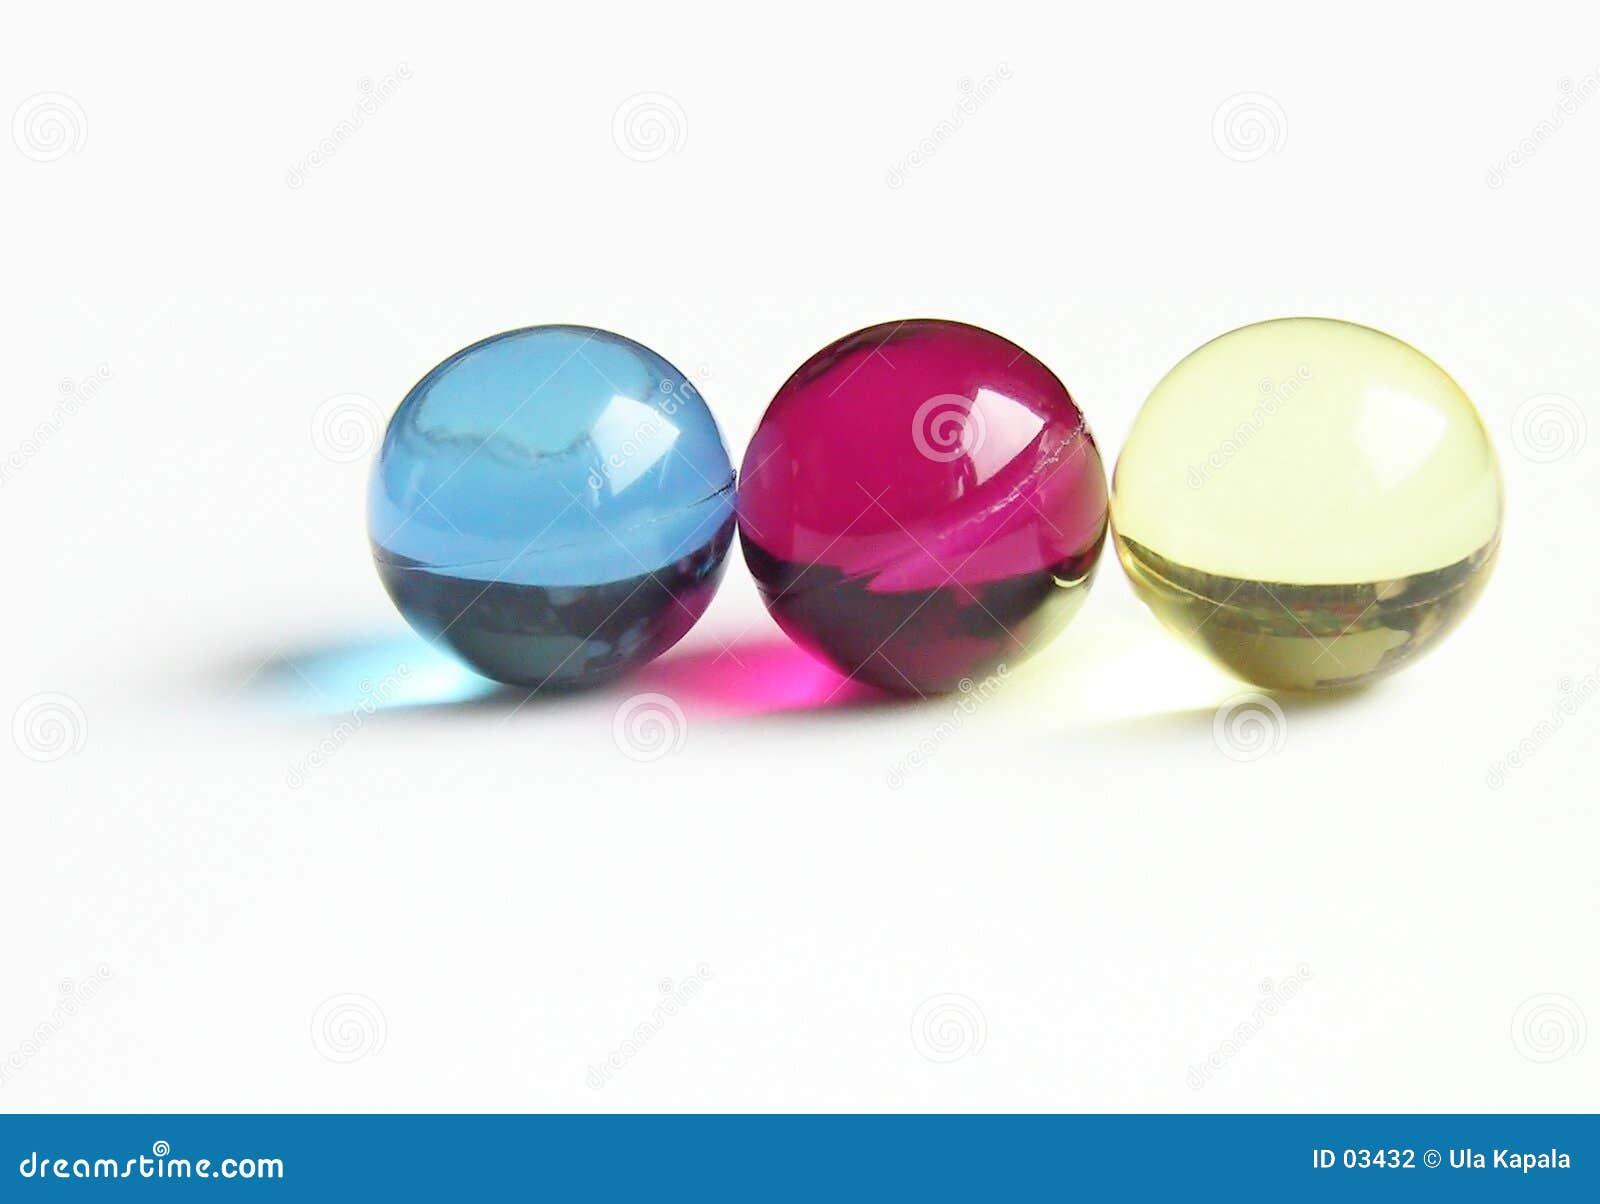 CMY bath balls